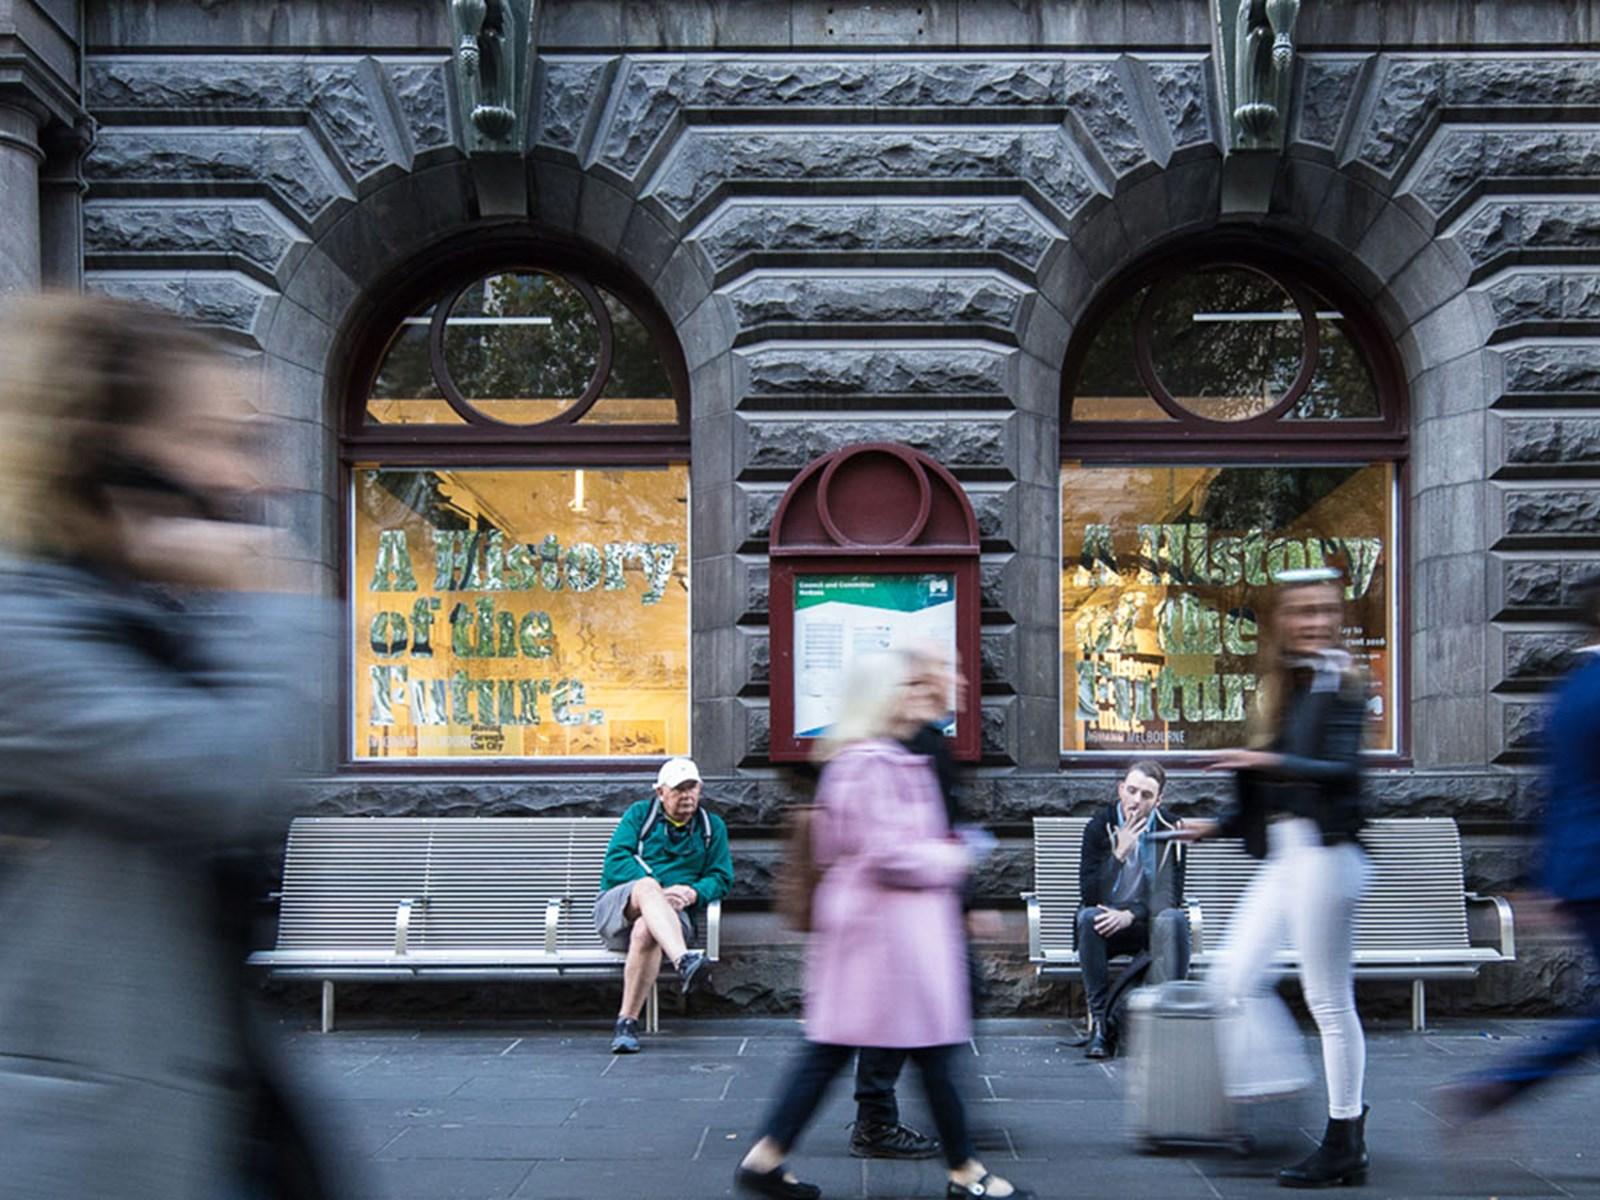 City Gallery, Melbourne, Victoria, Australia